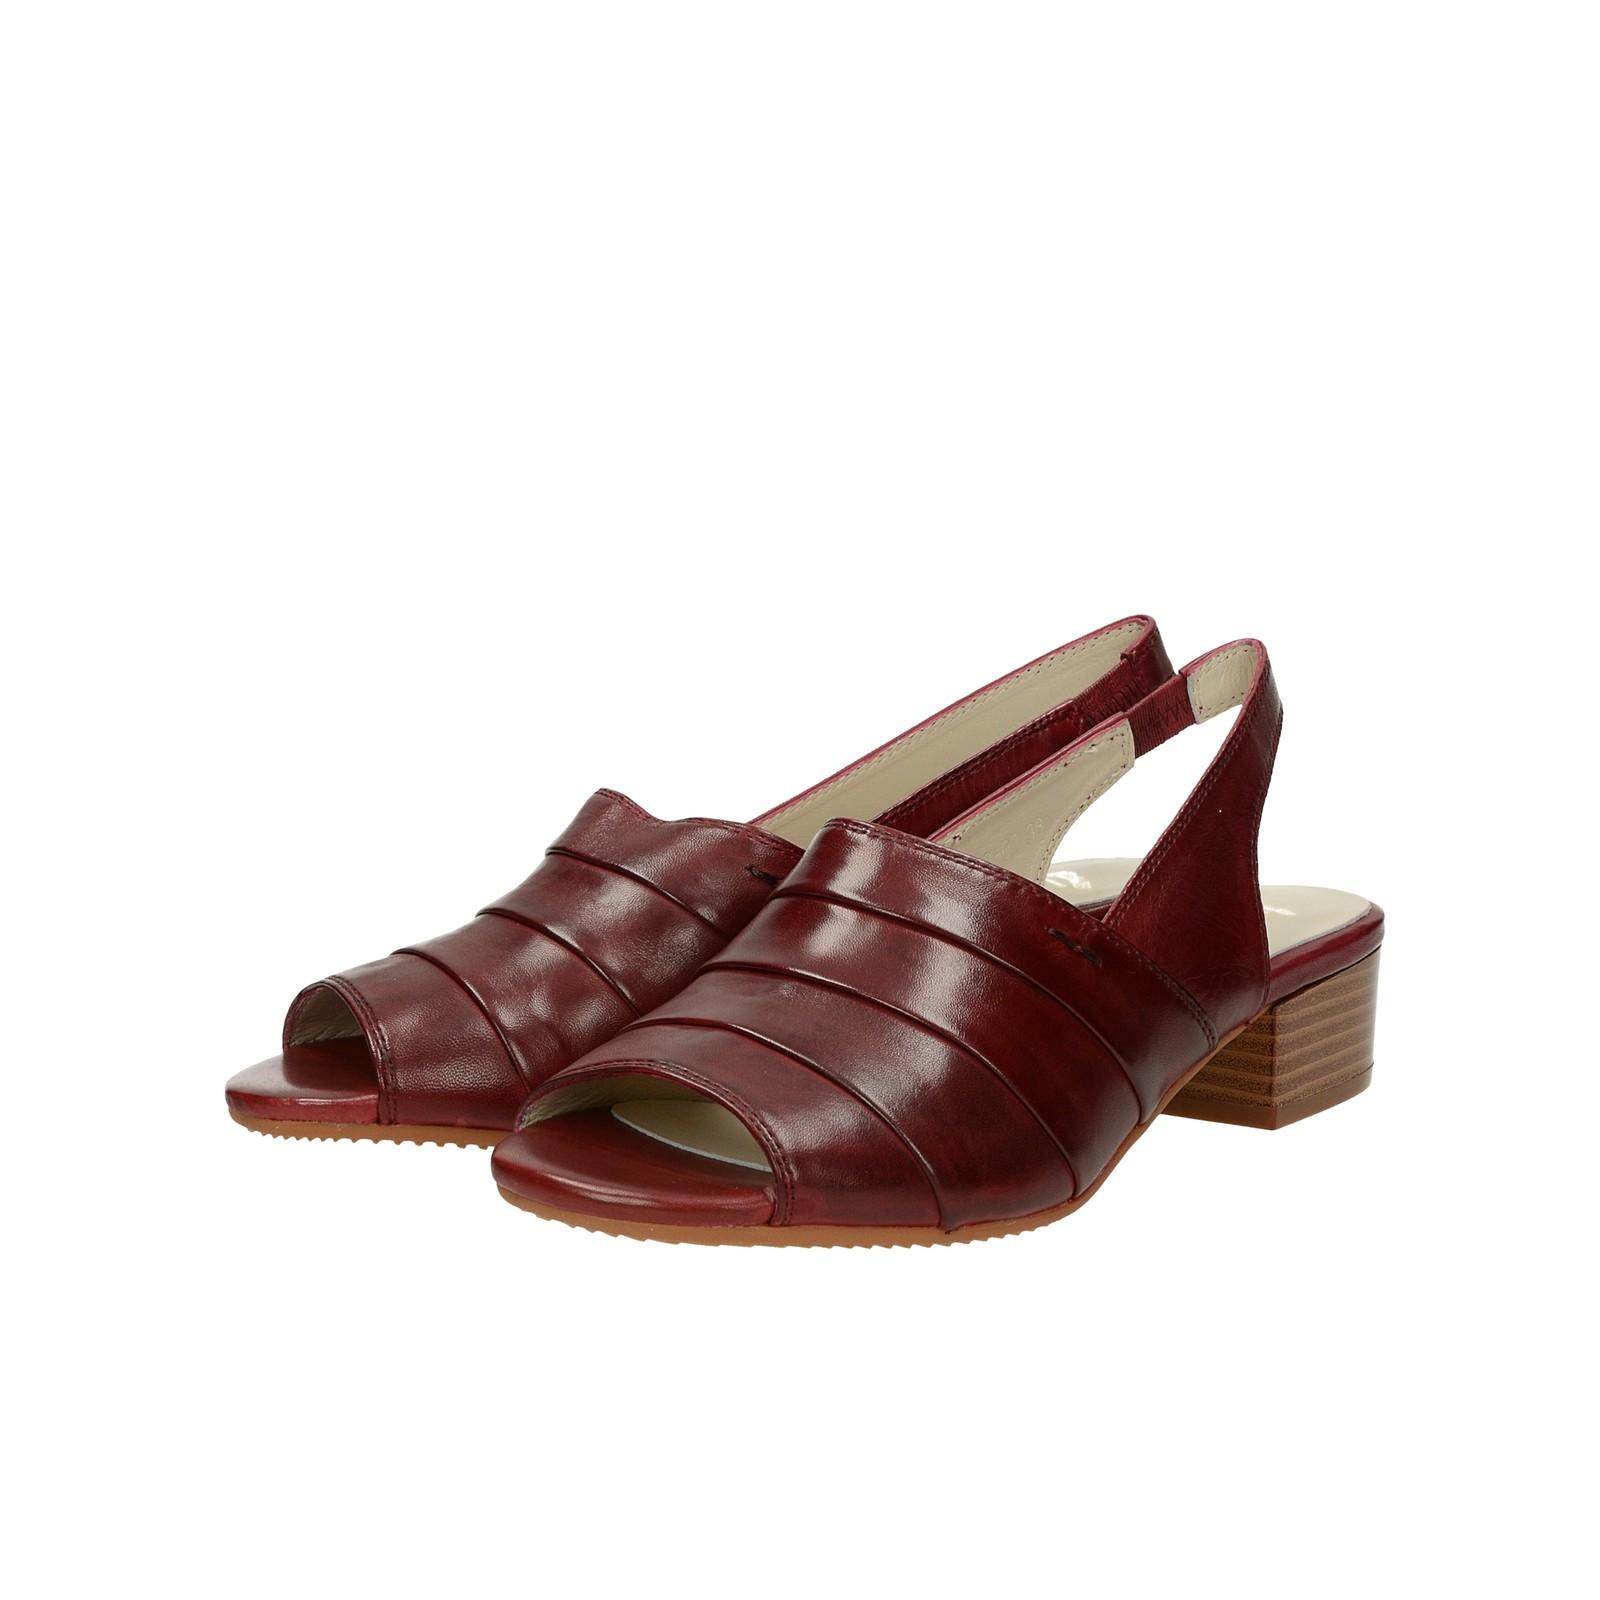 85e71d56b9f7 ... Canal Grande dámske kožené sandále - bordové ...